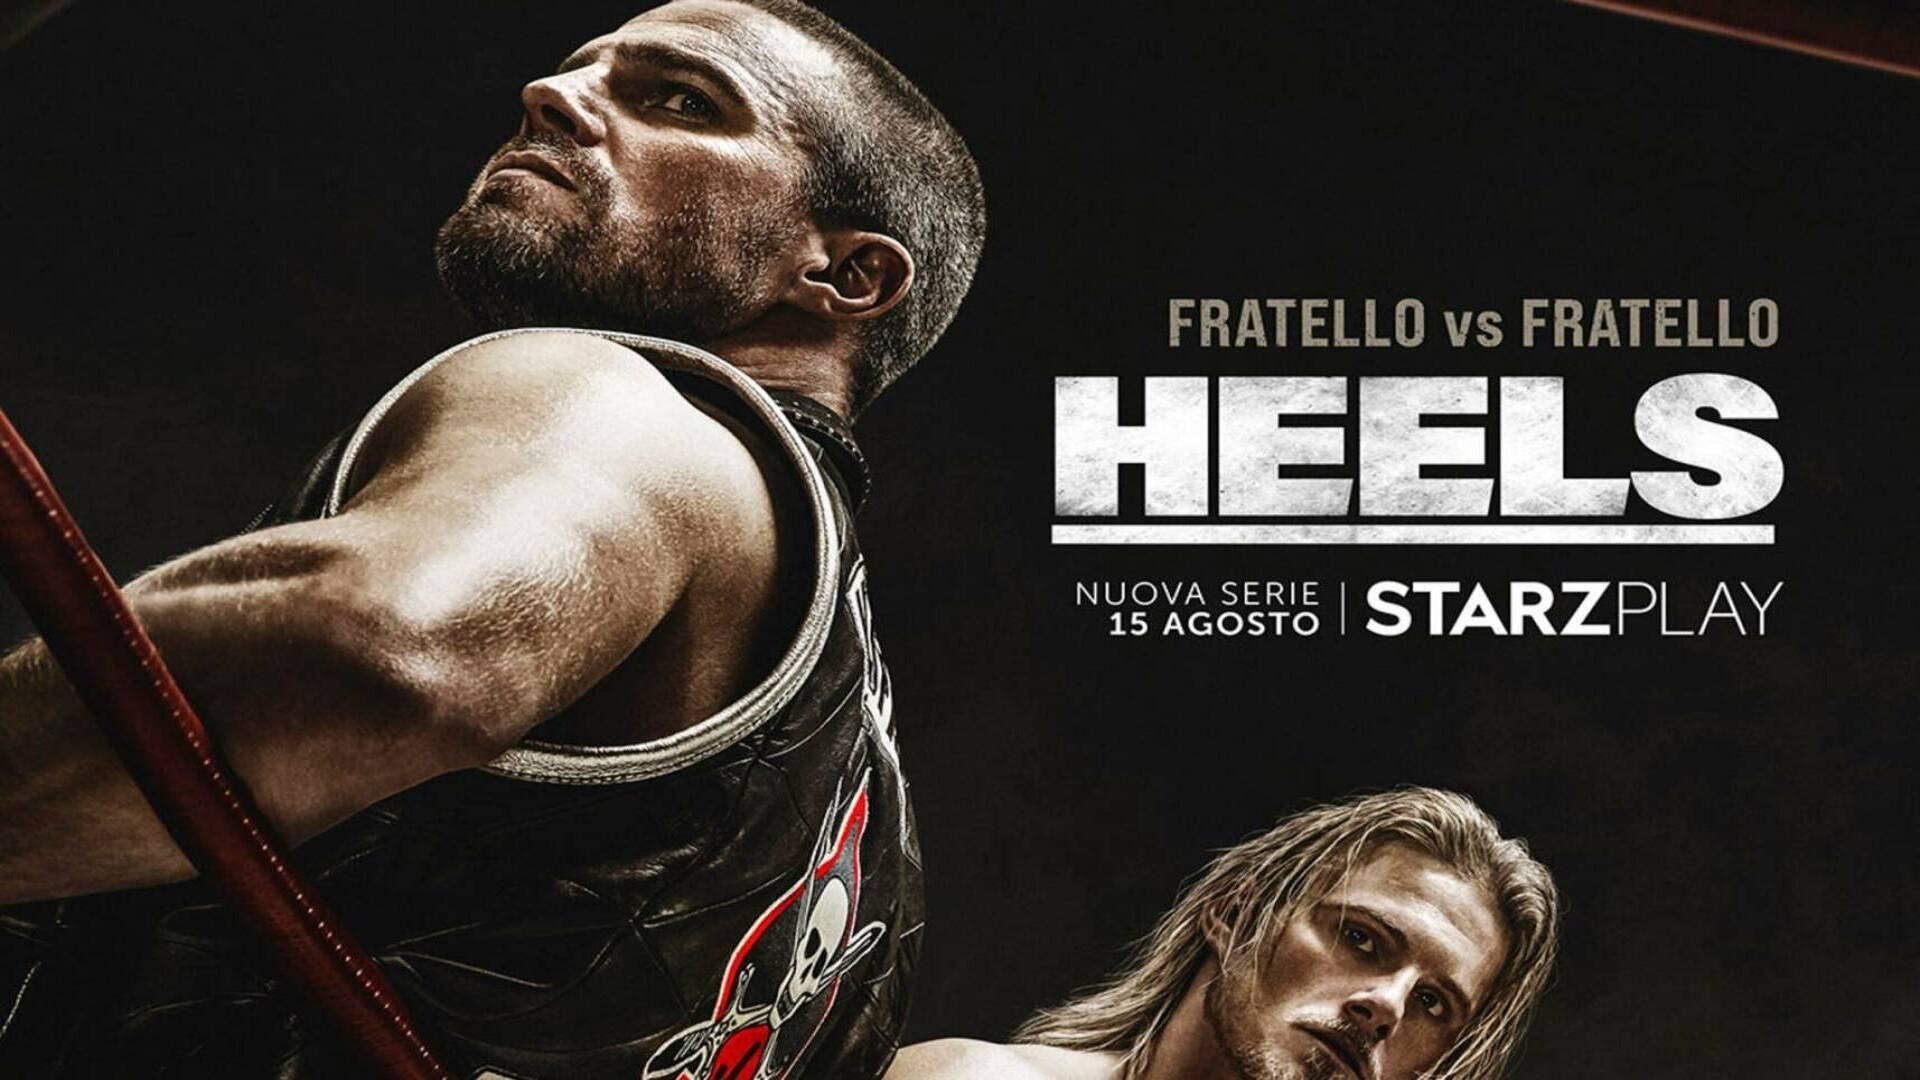 Heels, recensione dei primi 4 episodi in anteprima: wrestling e drama